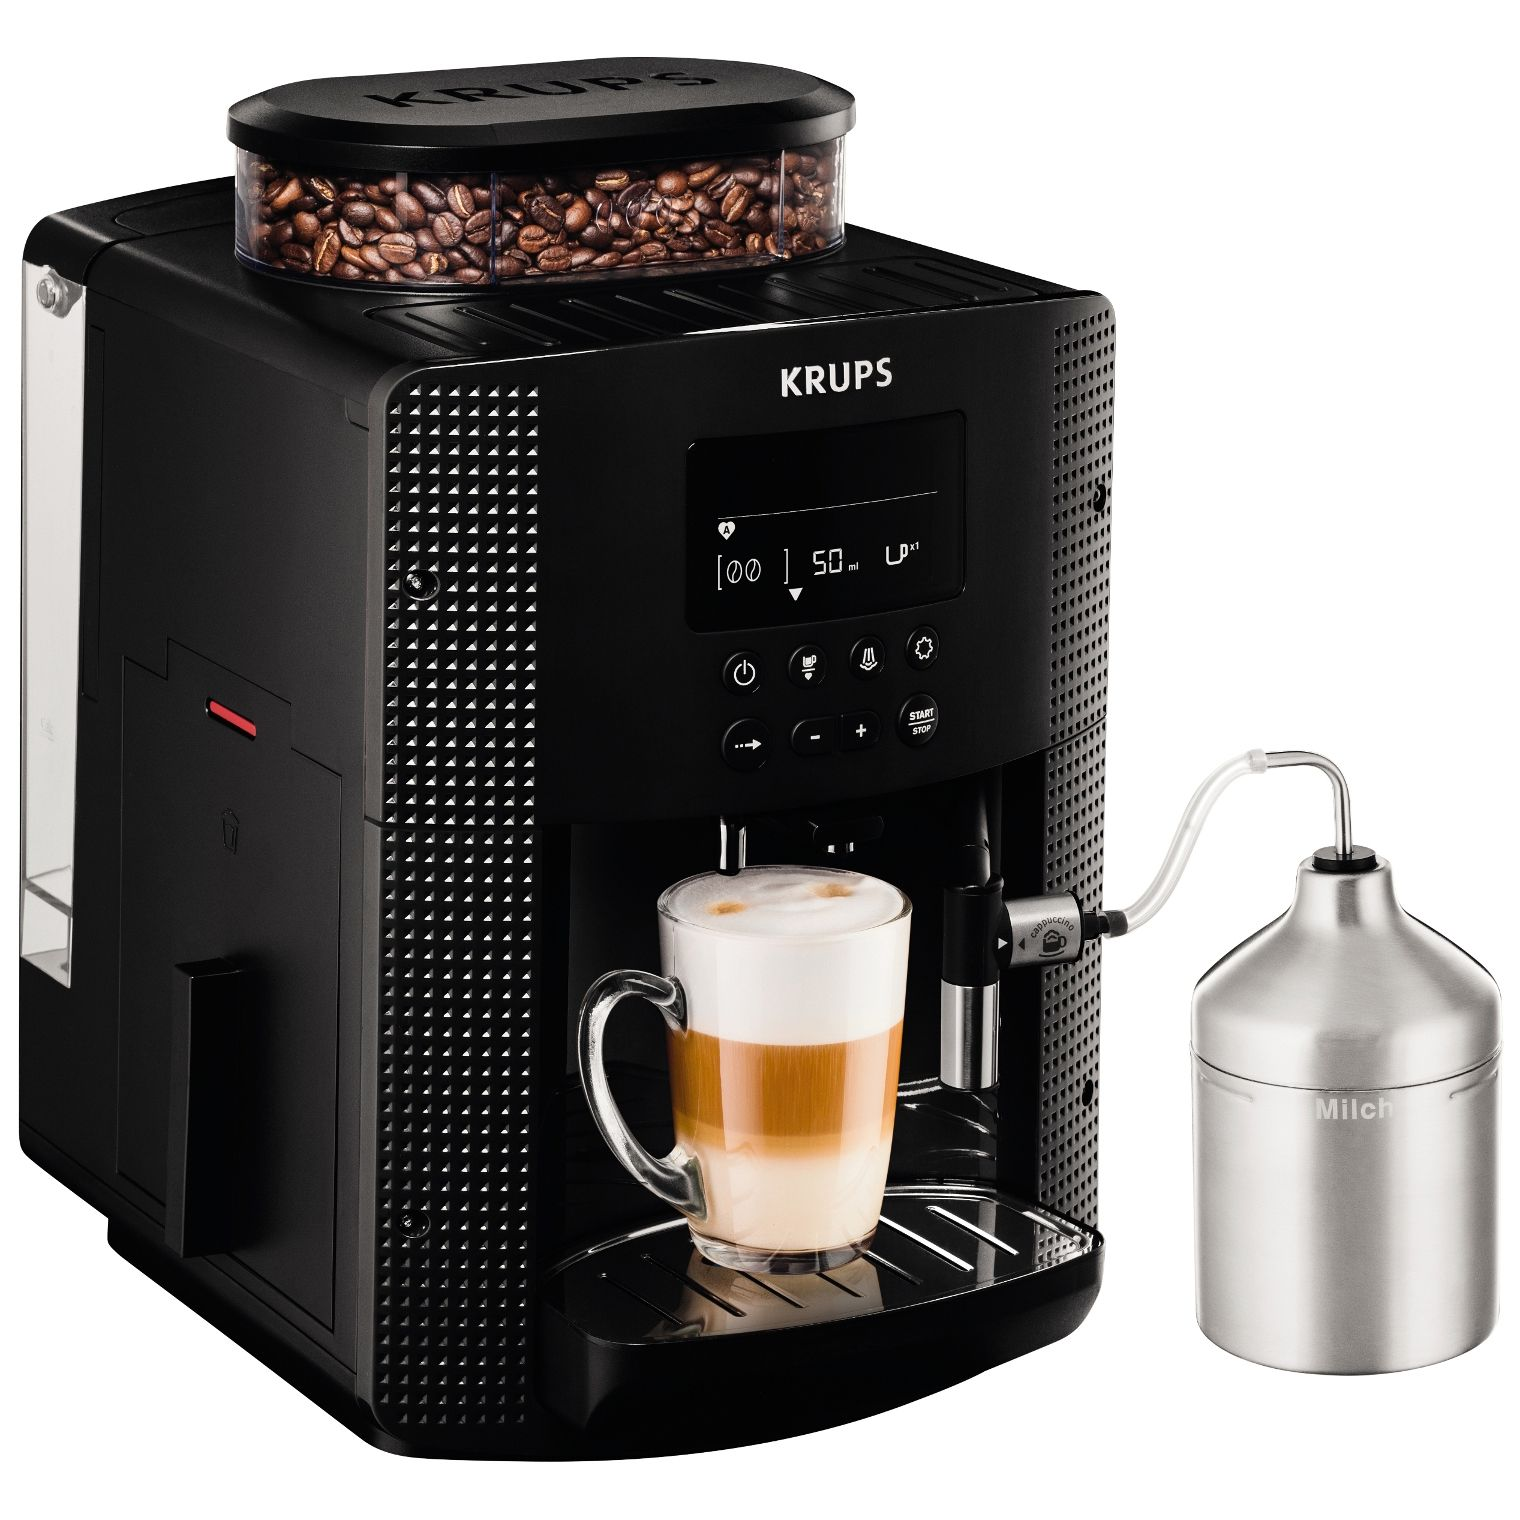 Espressor cafea Krups Espresseria EA8160 1450W 1.7L Negru